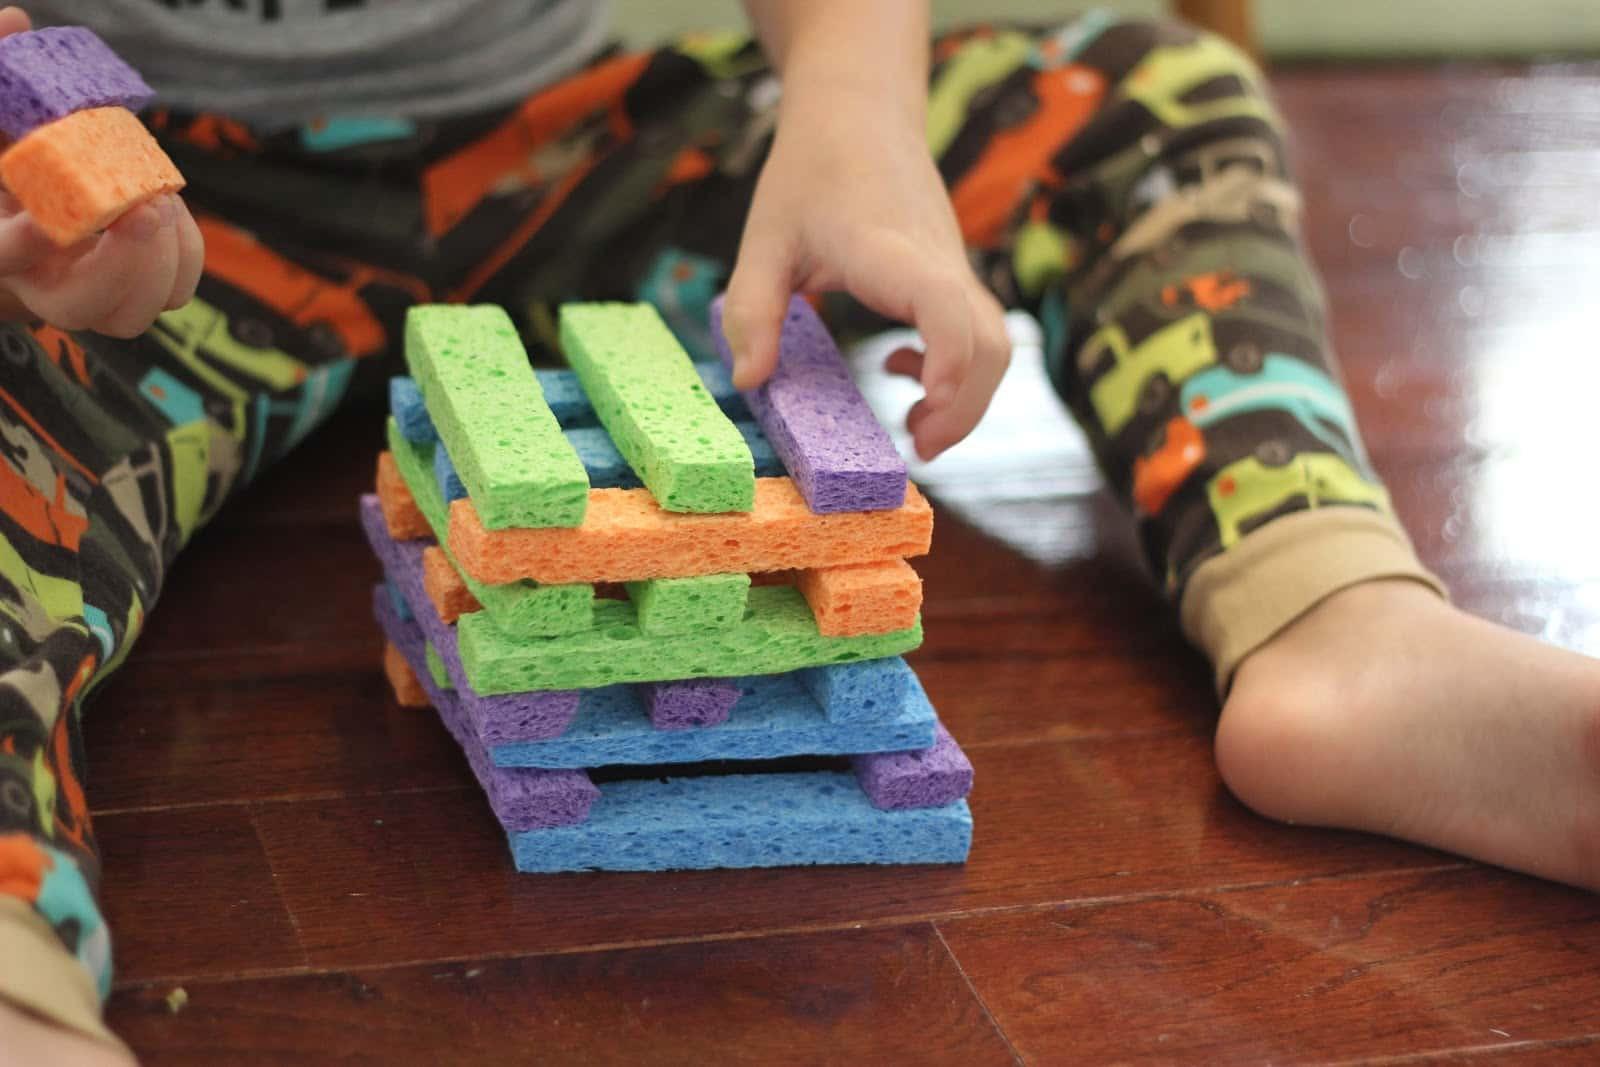 إسفنجة الأطباق - صنع ألعاب لطفلك